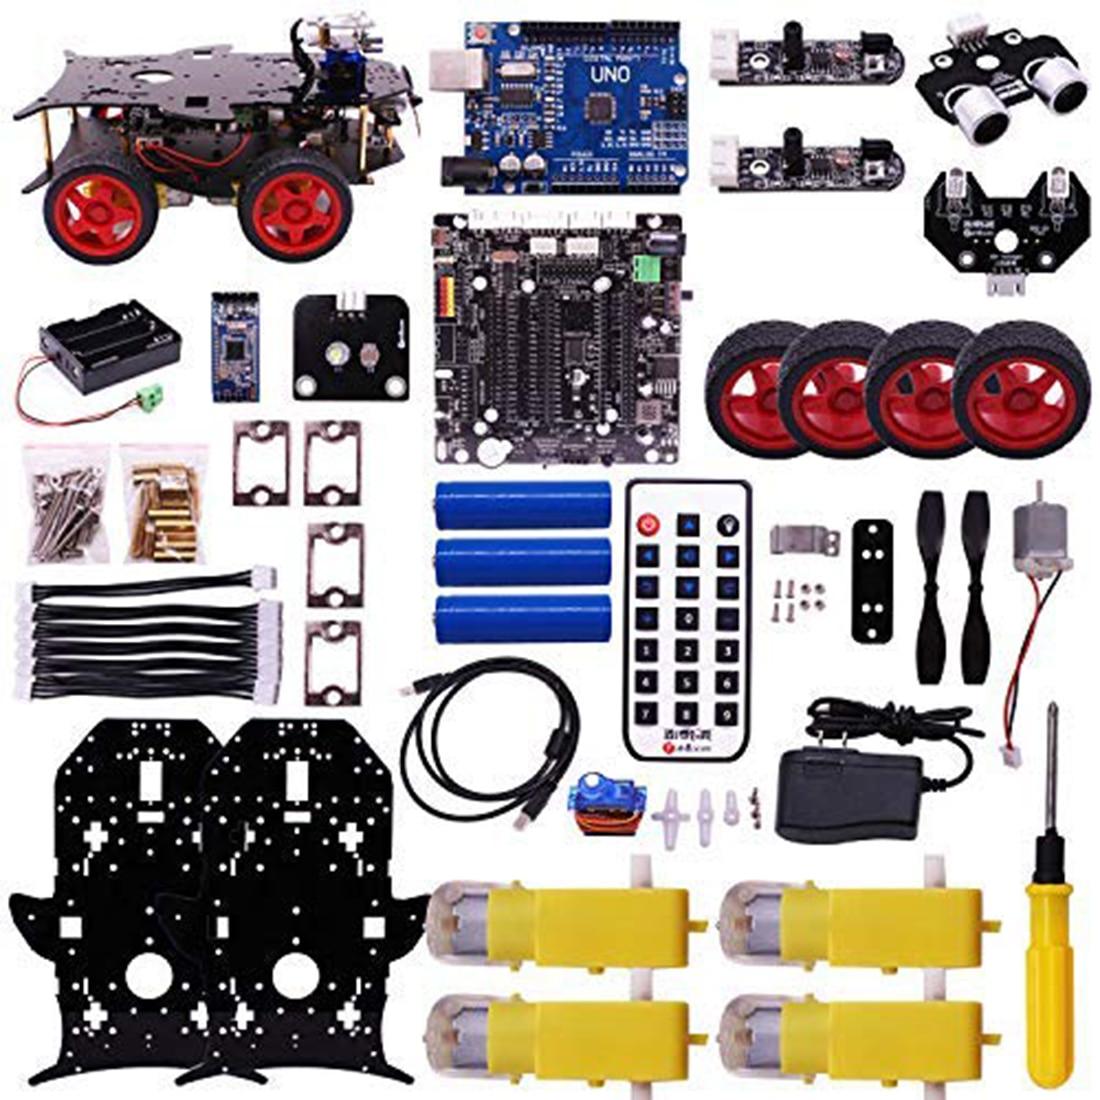 Rowsfire Roboter Auto 4wd Programmierung Stamm Bildung Off road Licht Tracking Roboter Spielzeug Mit Tutorial Für Arduino Heißer Verkauf - 3